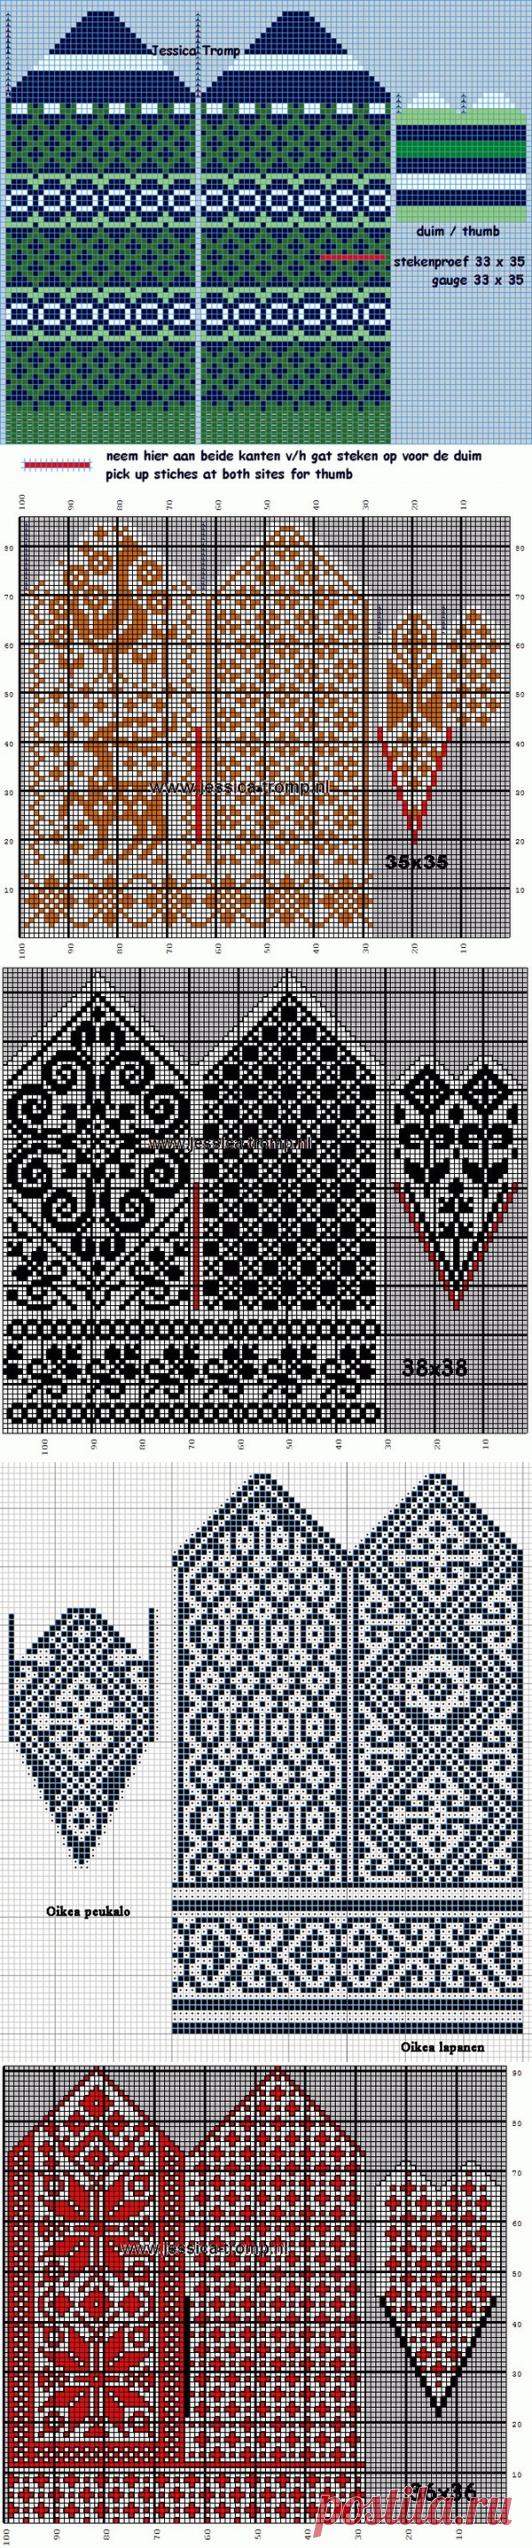 Орнаменты для варежек (жаккард) Resize?w=532&src=%2Fdata%2Fb2%2Fdb%2Fdf%2Fb4%2Fb2dbdfb46c33431e8945bd3ee6dca3b89b63b90c5a02d8210349e6139c101a2e